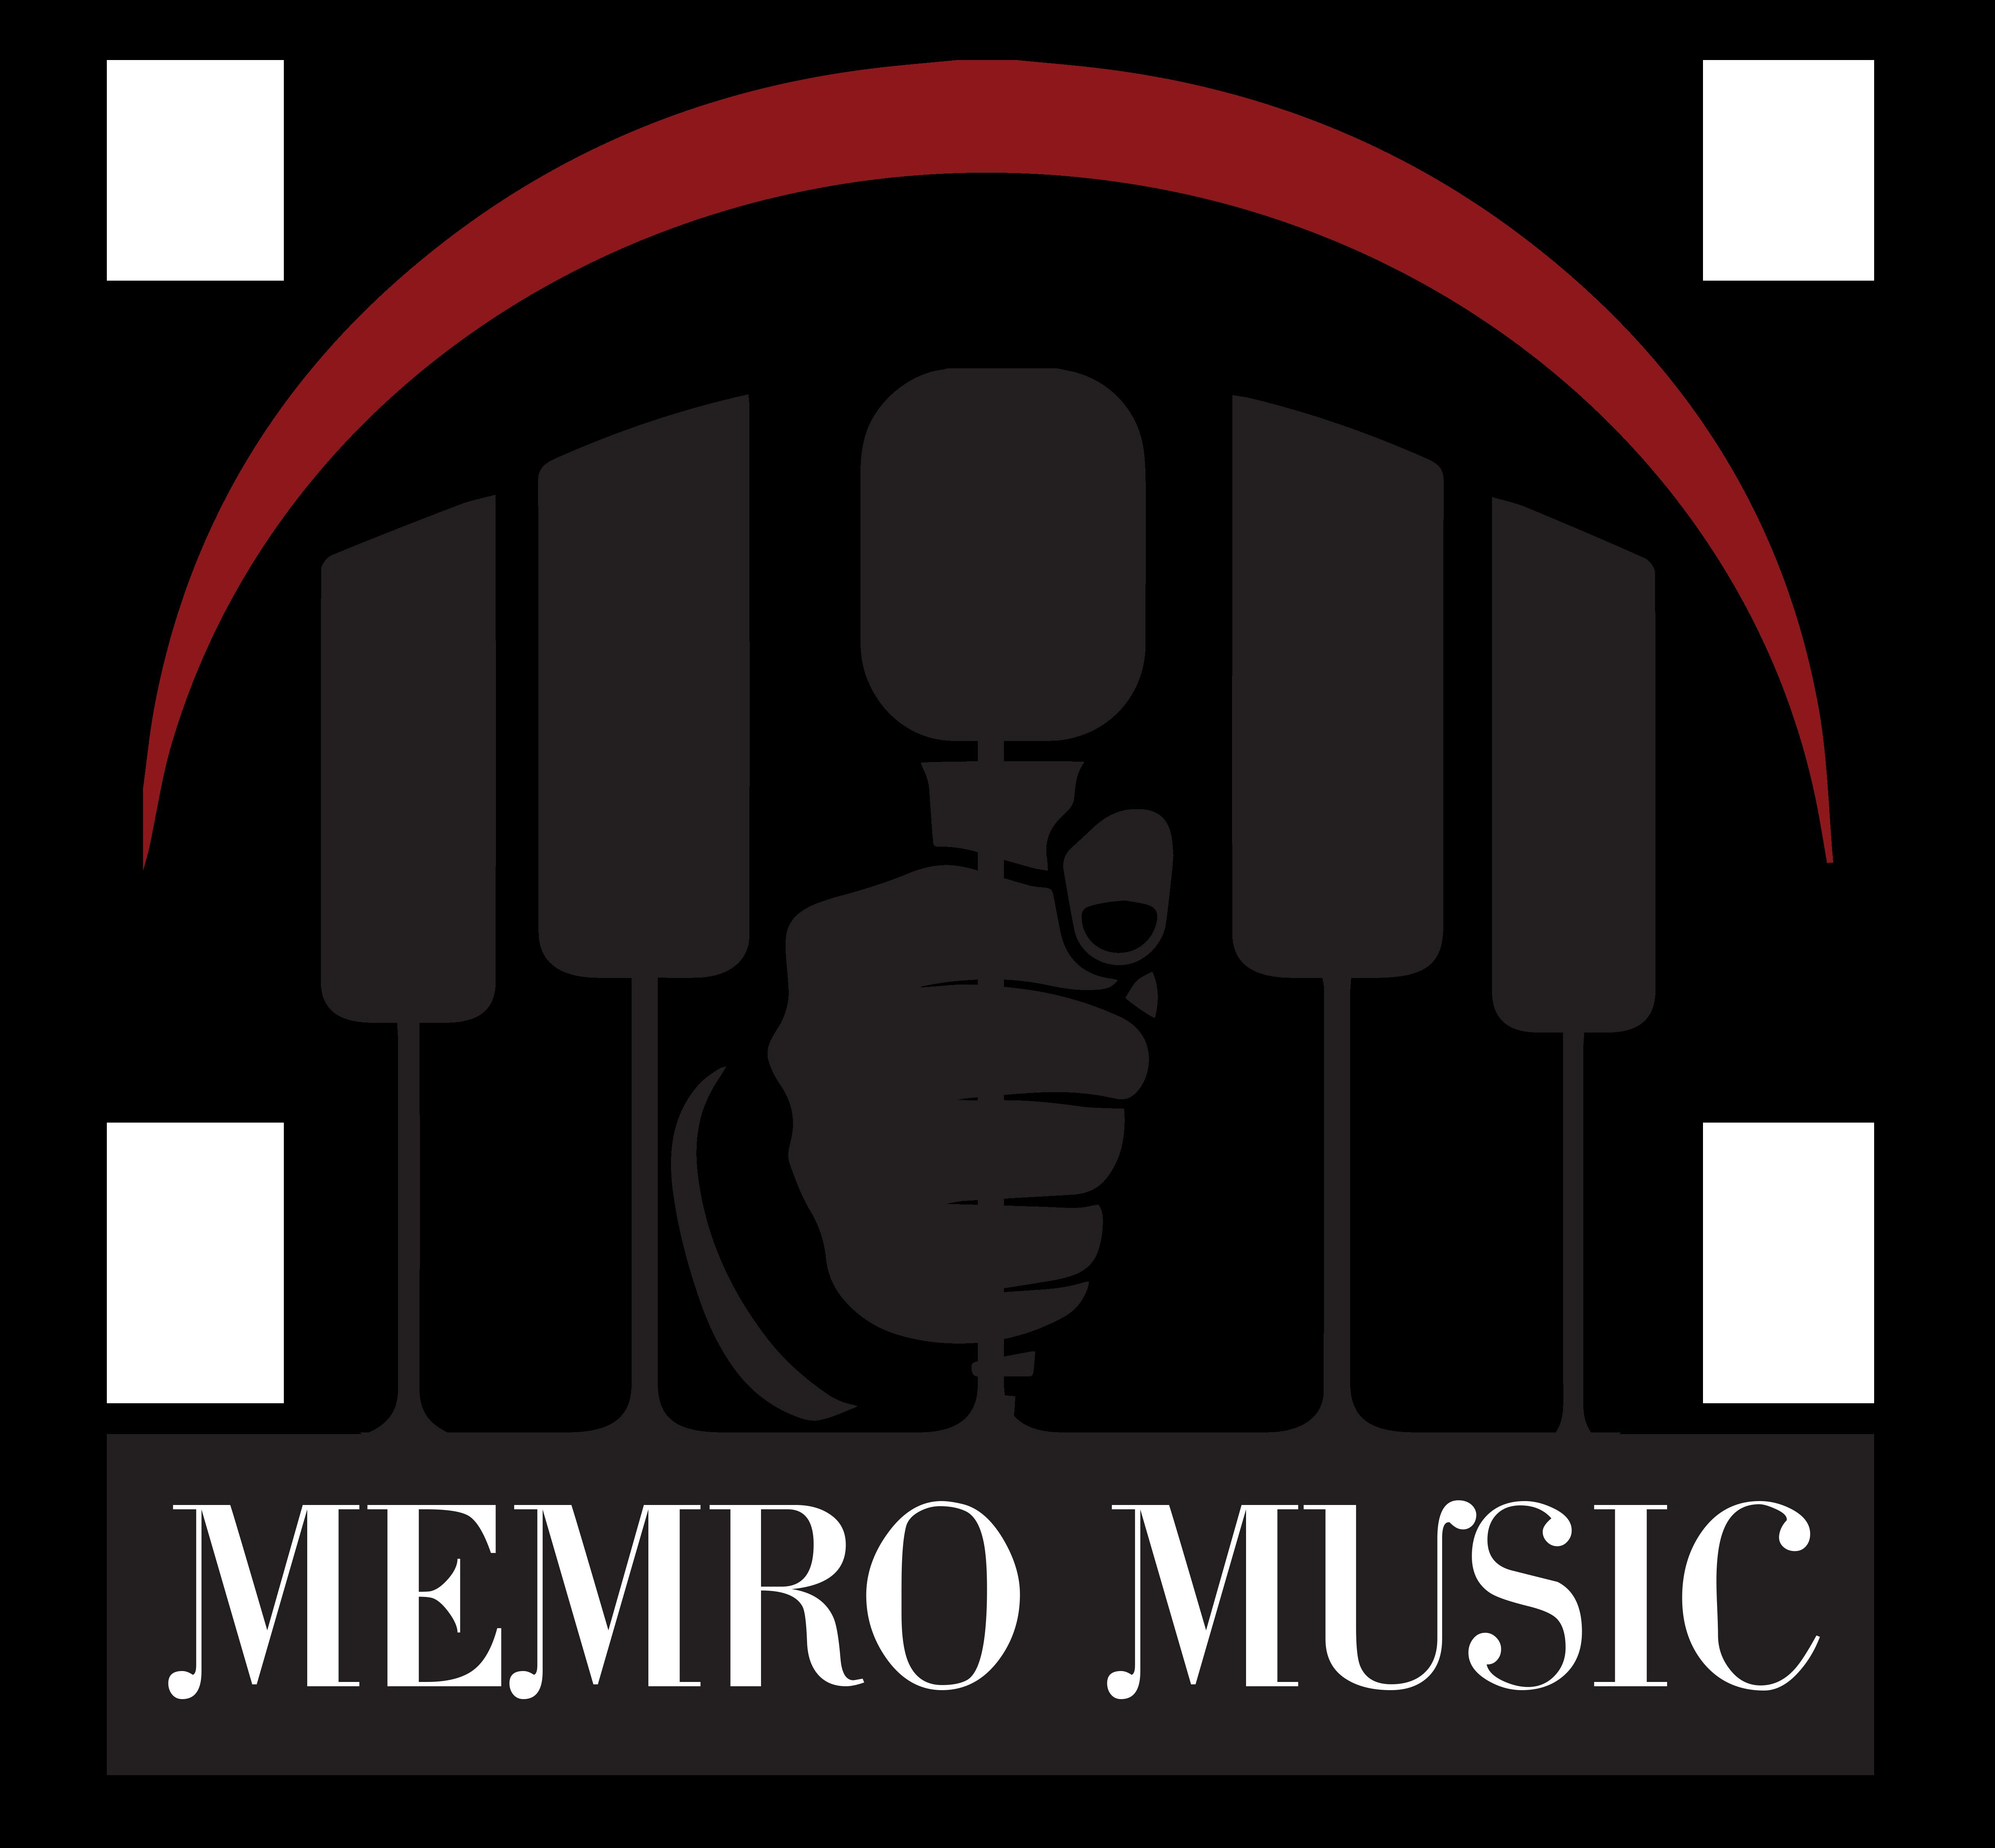 Memro Music